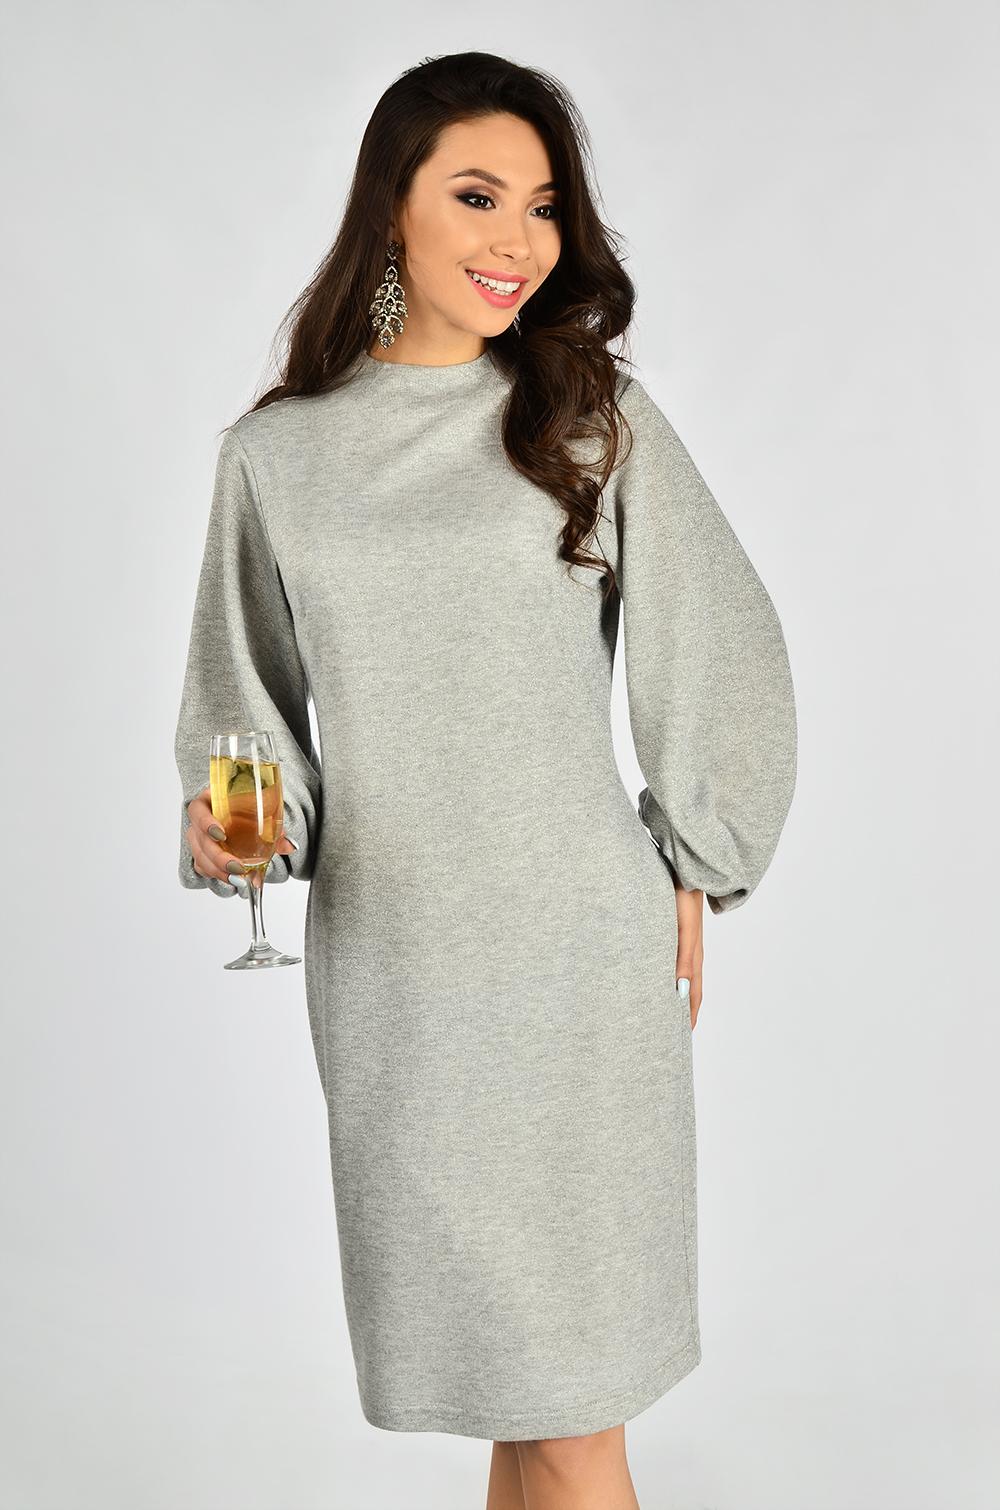 Сукня-футляр з люрексом Сіра Lipar